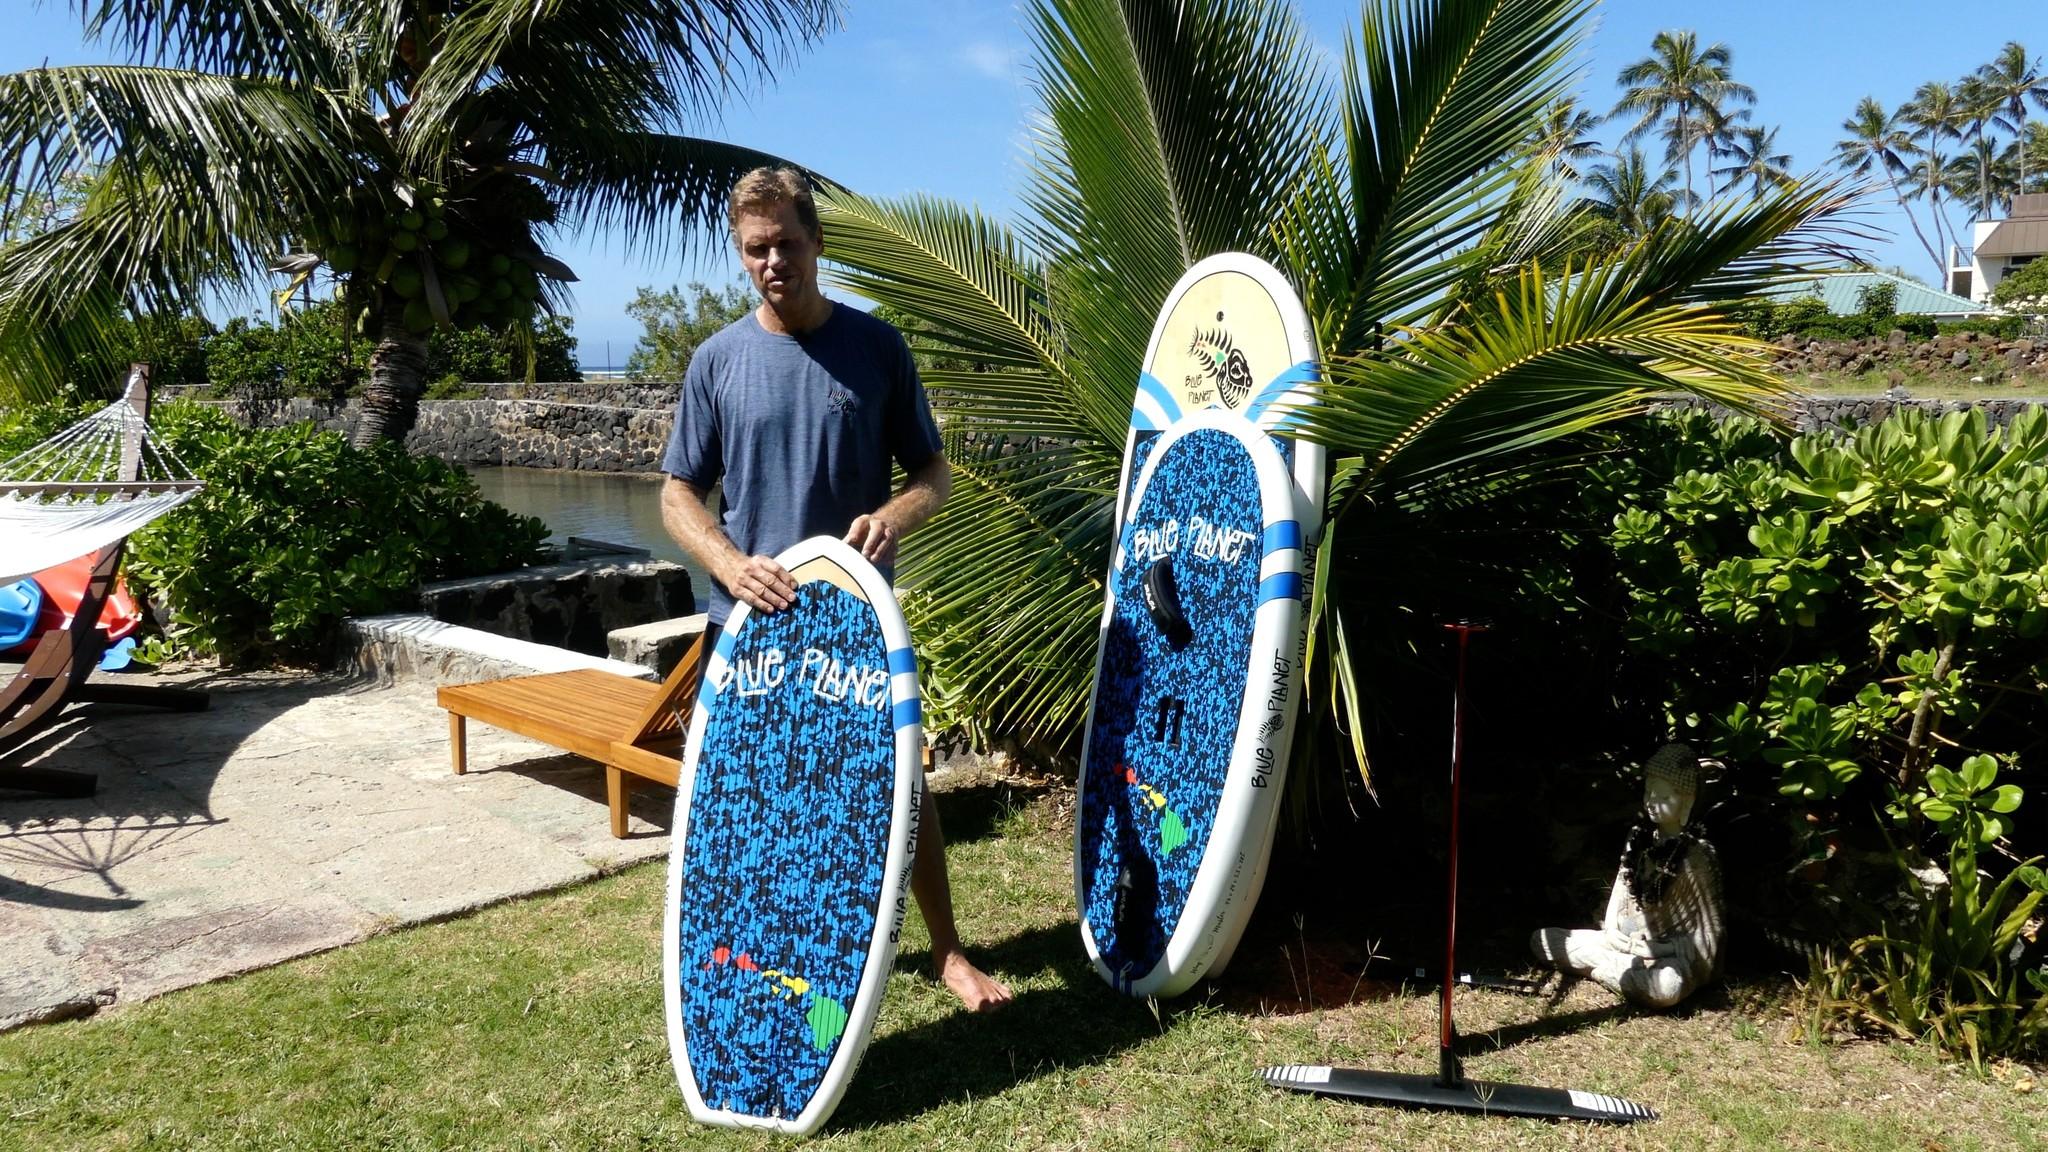 prone foil surf board